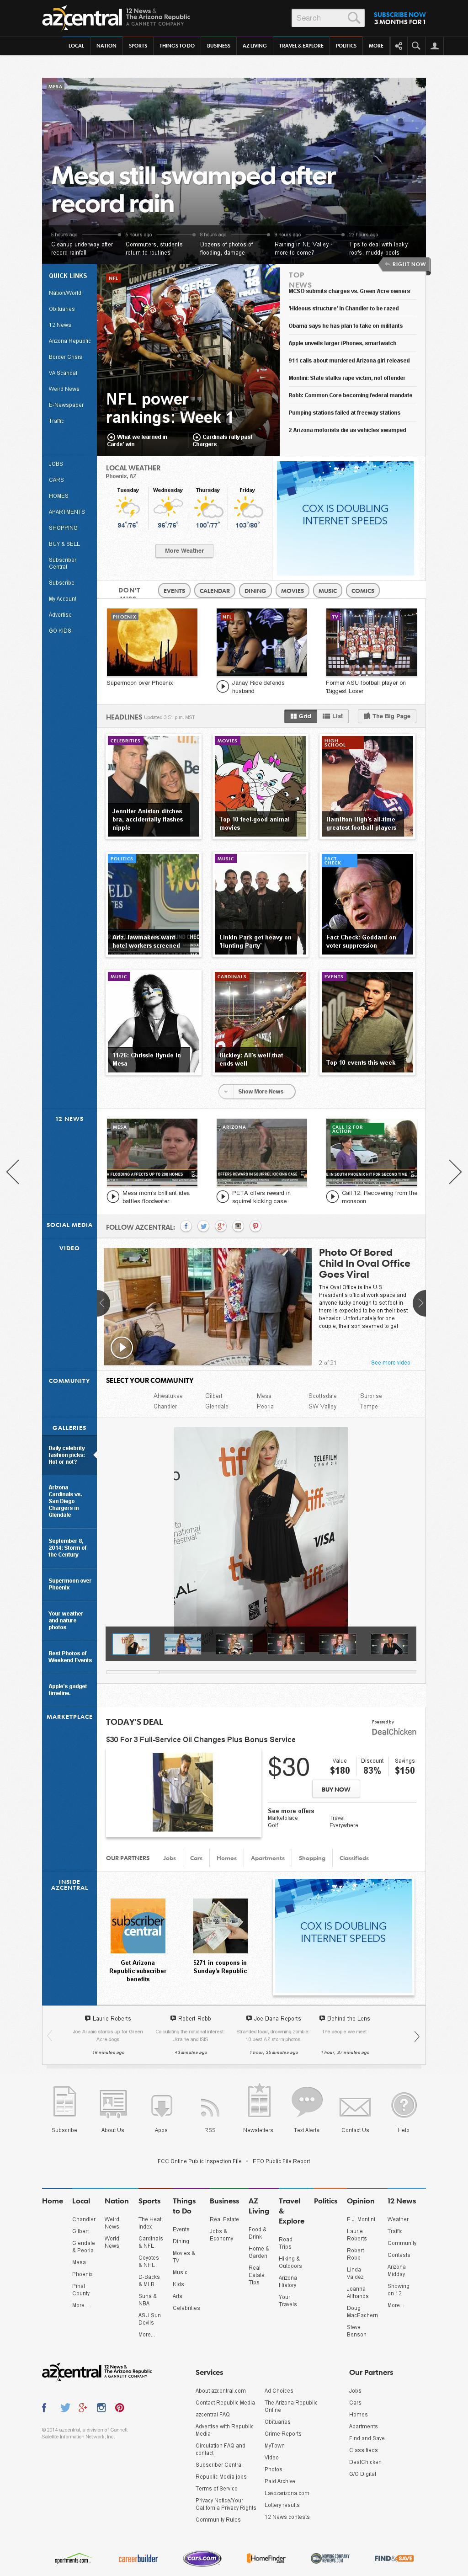 azcentral.com at Tuesday Sept. 9, 2014, 11 p.m. UTC